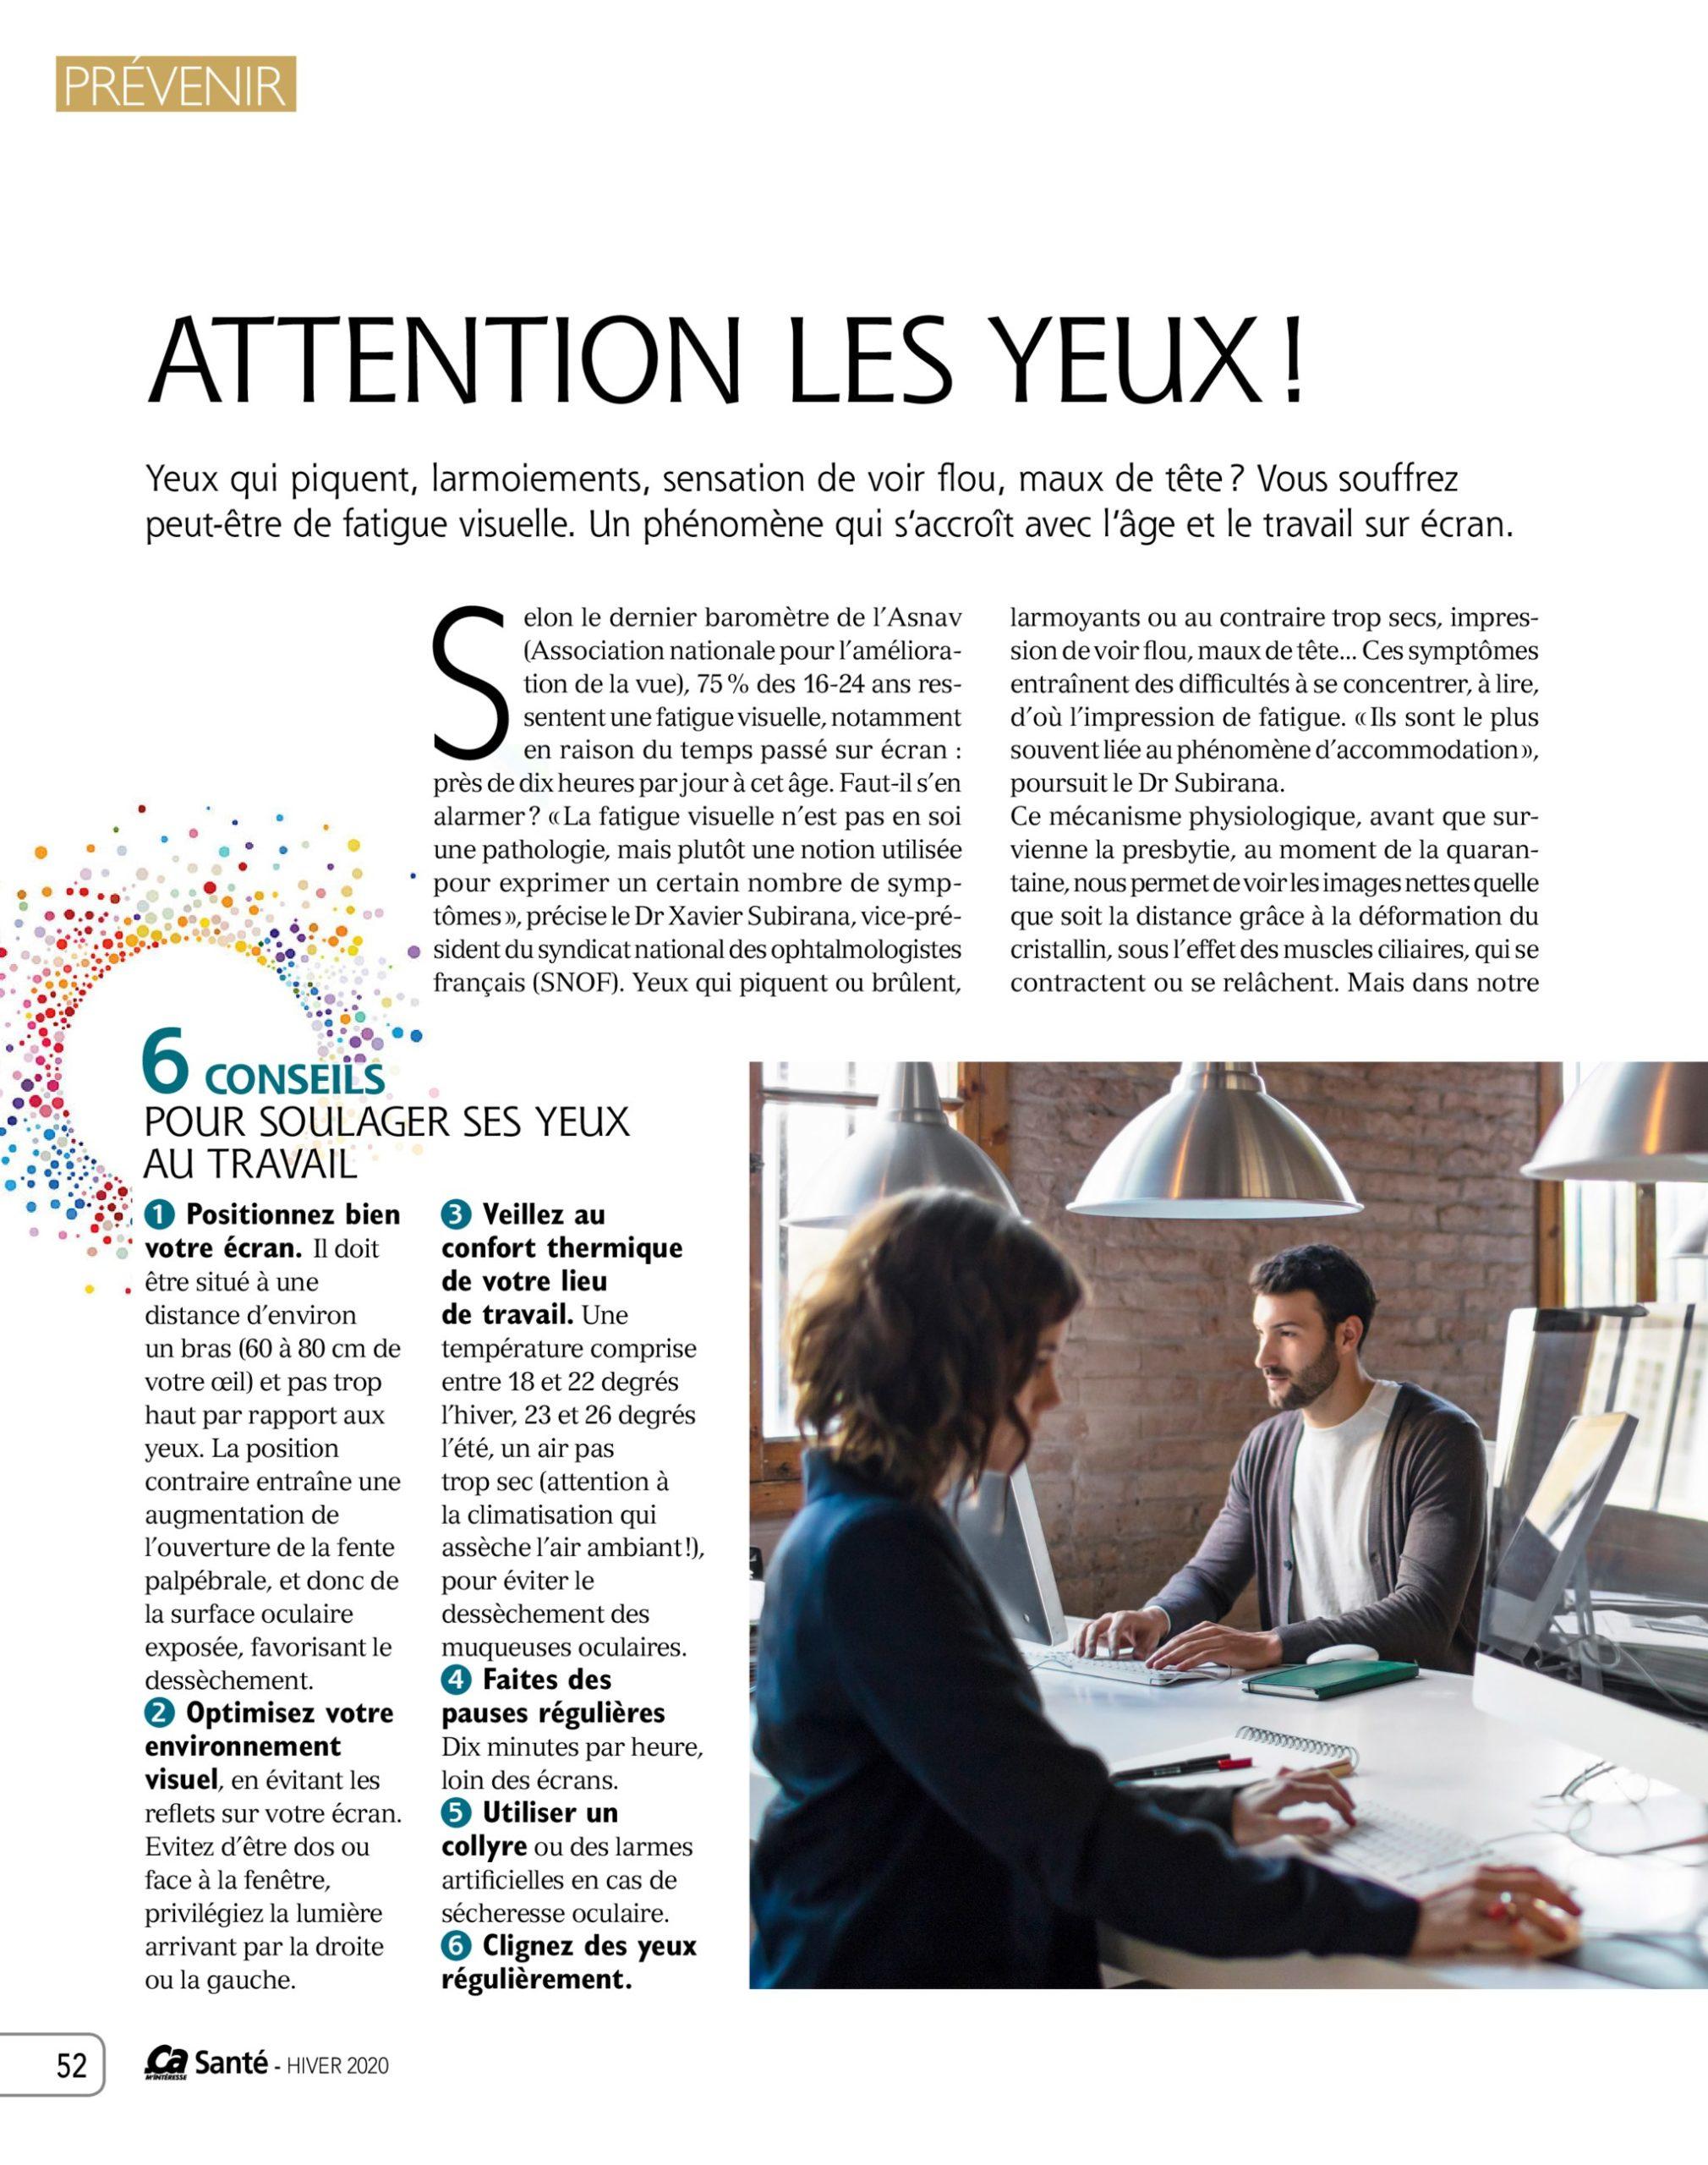 Ca SANTE Yoga des Yeux parution presse 2020